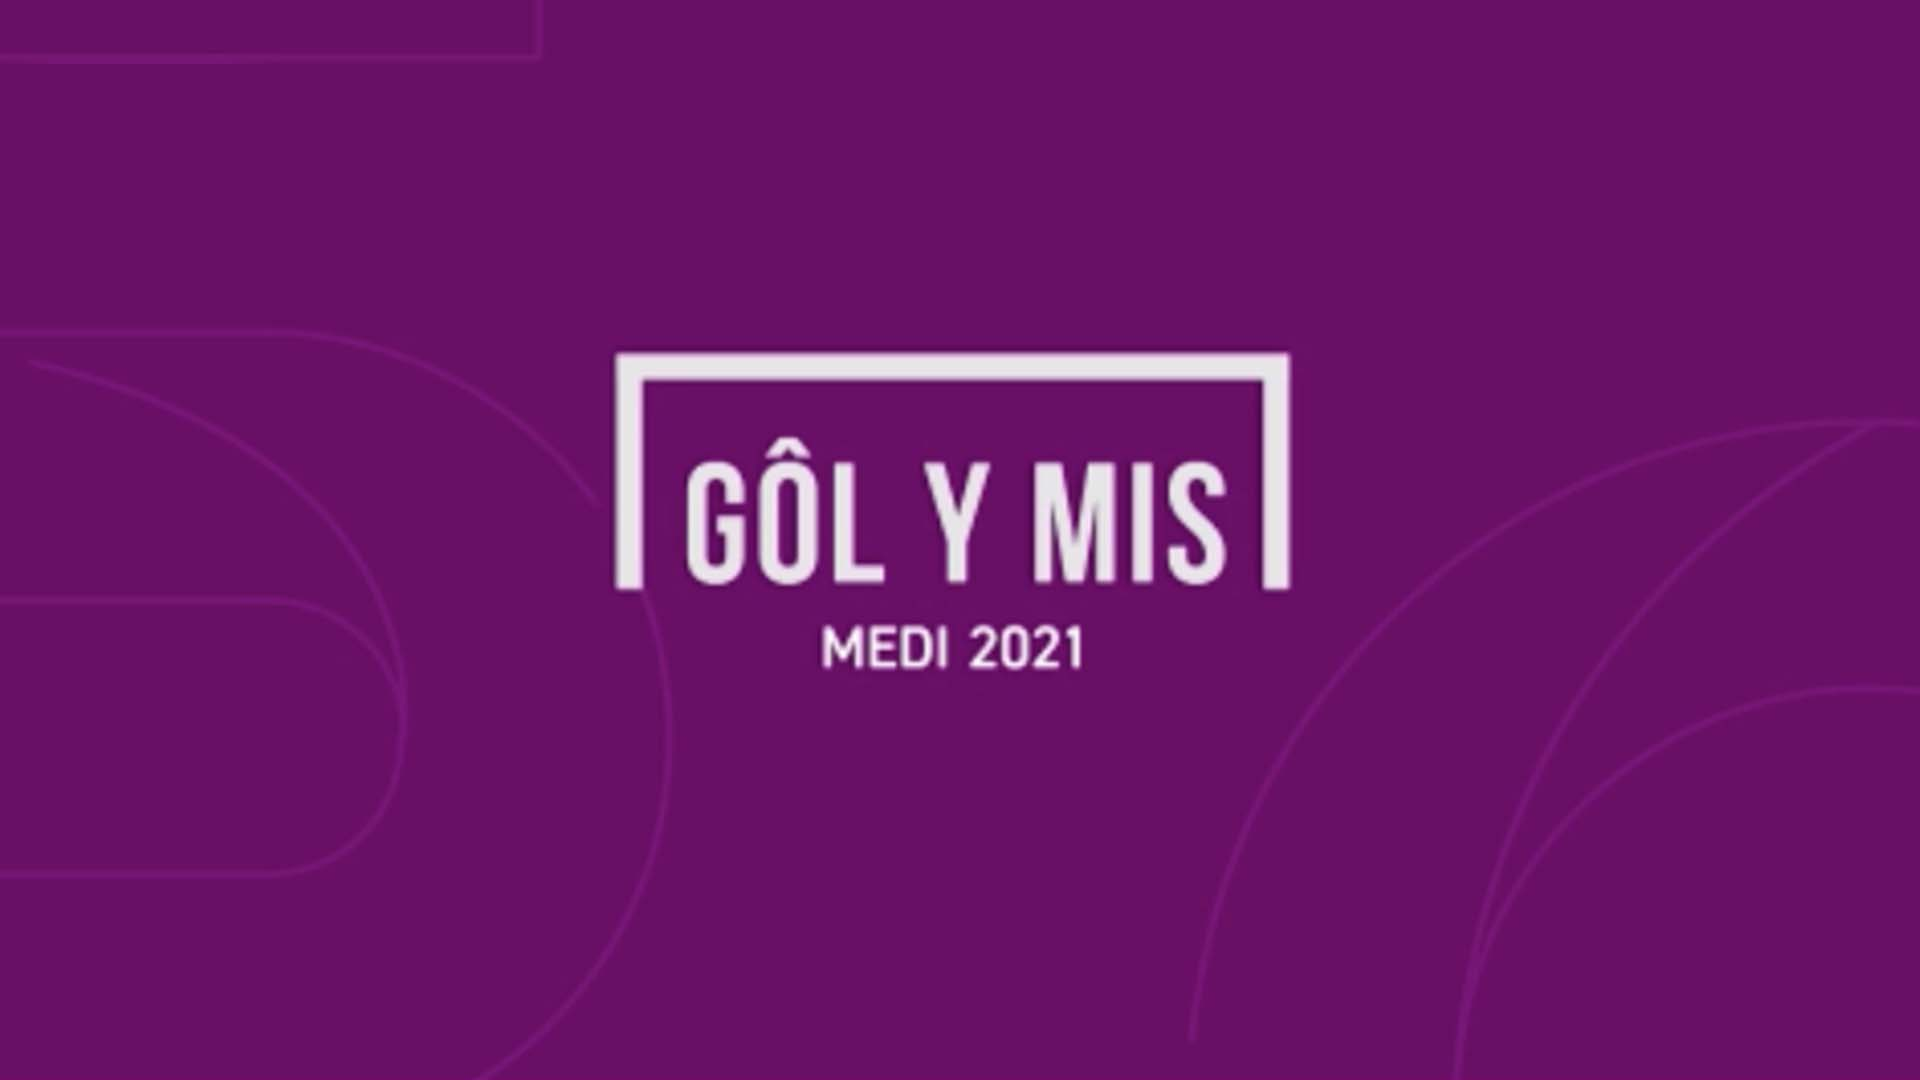 Rhestr fer Gôl y Mis: Medi 2021